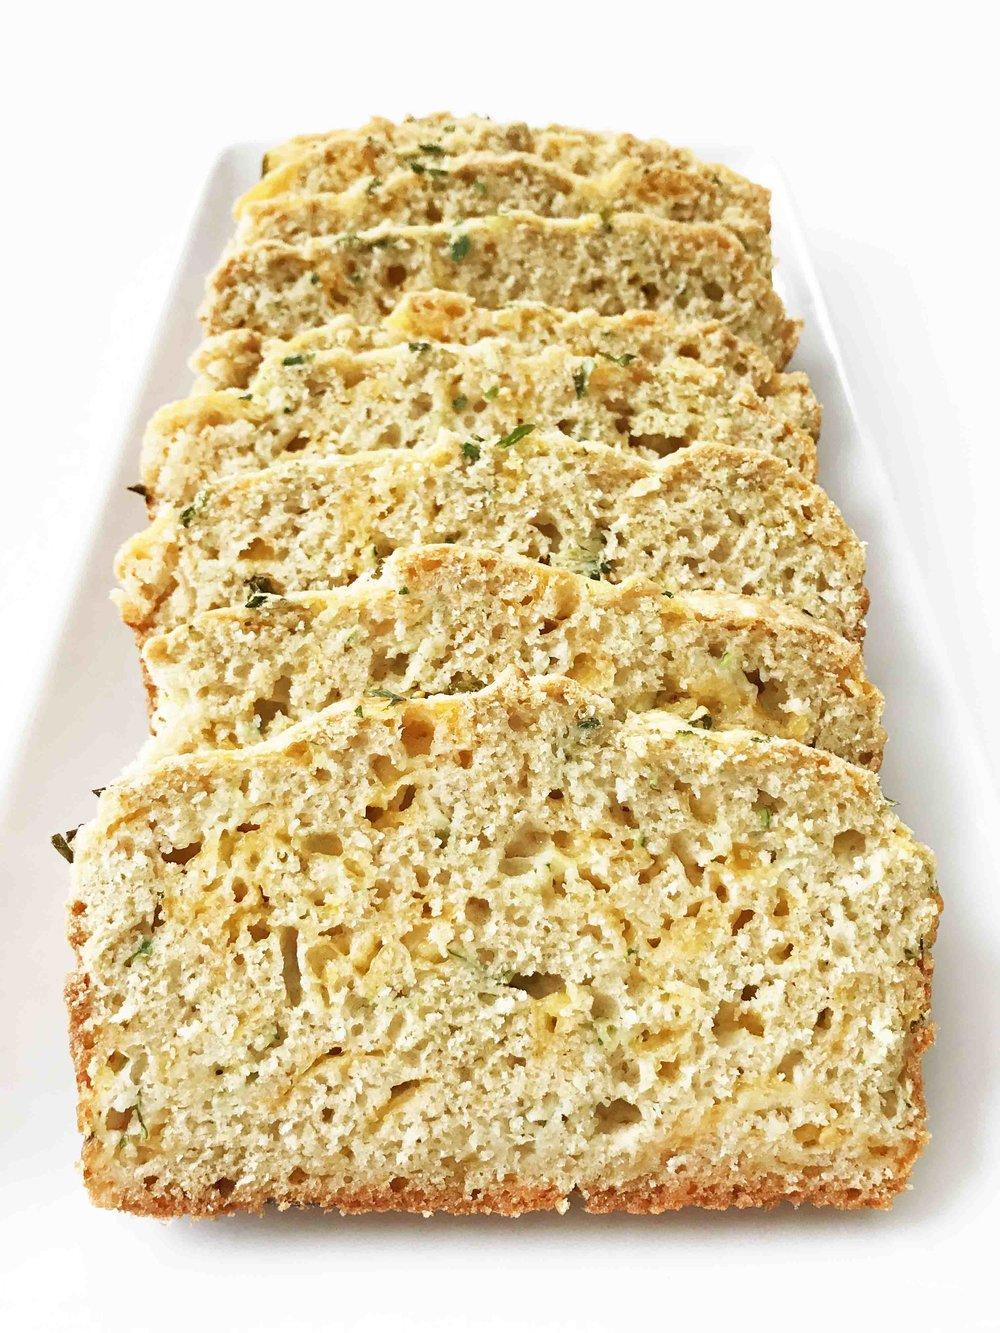 cheddar-chive-zuch-bread11.jpg